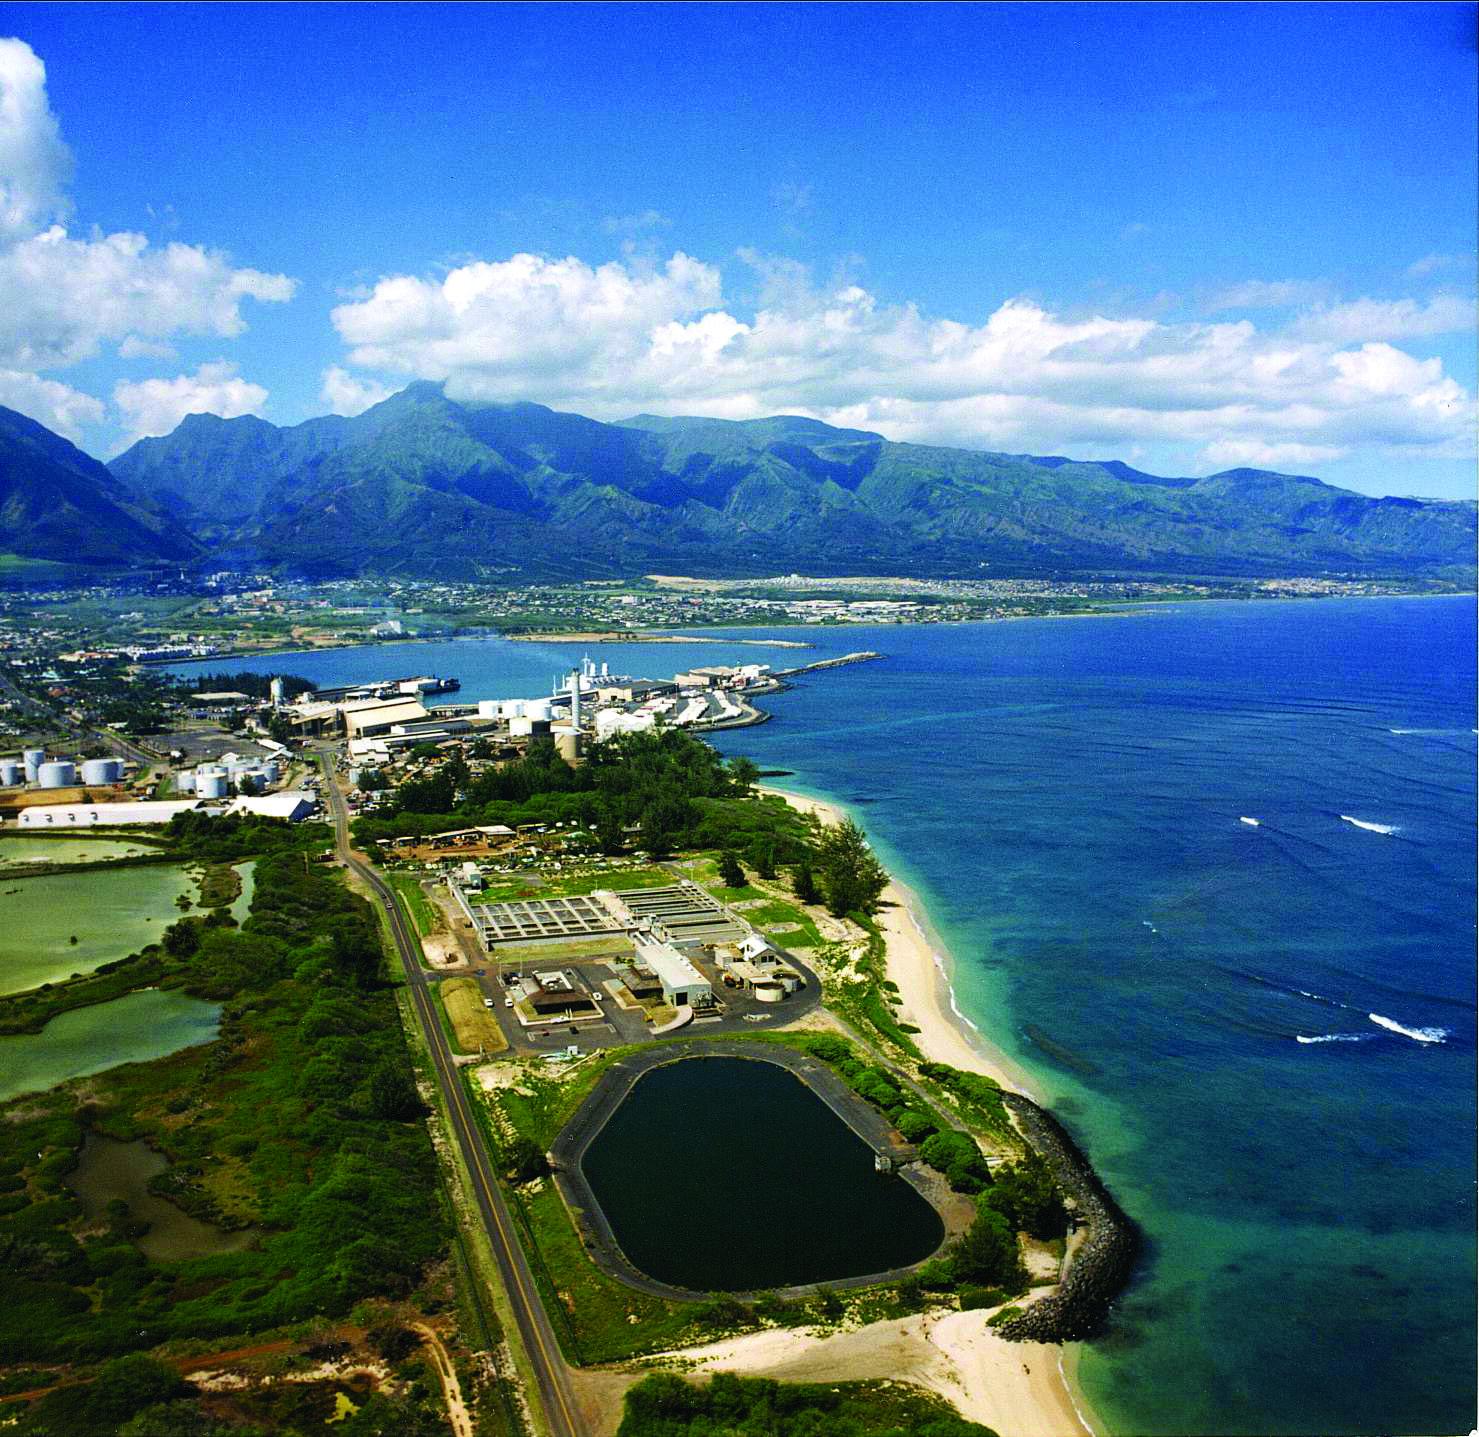 Kahului Septage Handling Facility Kahalui, Maui, Hawaii | Water and ...